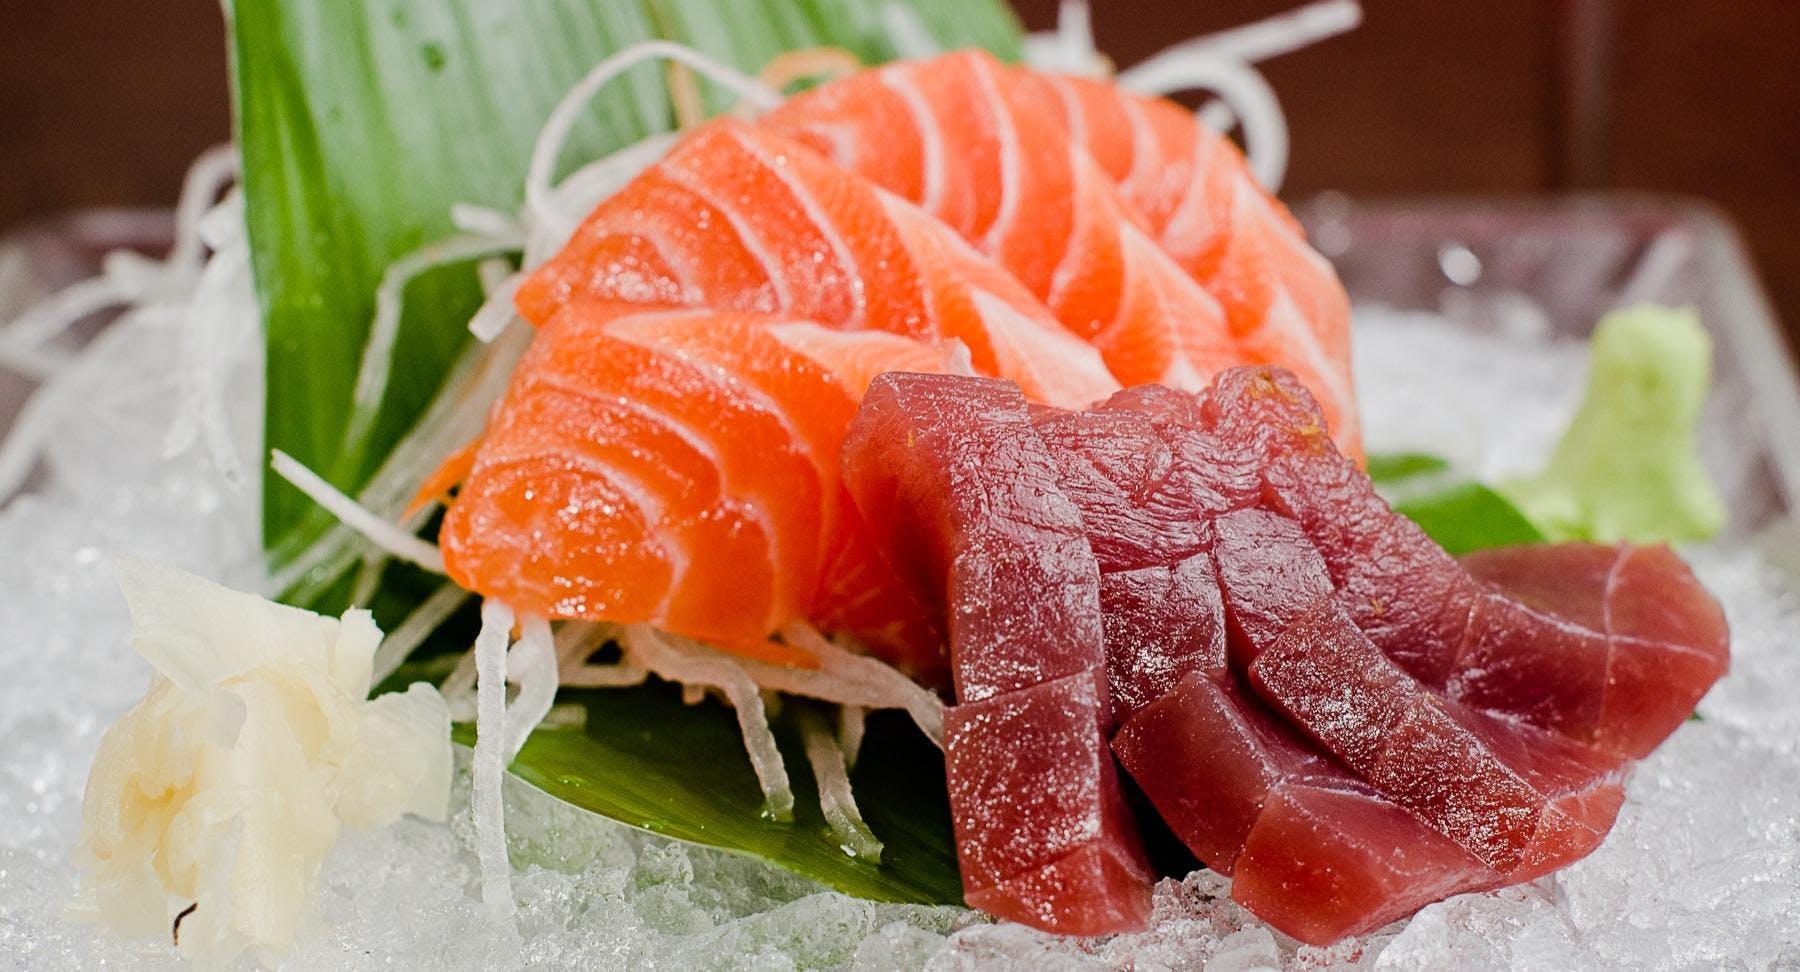 Tokyo Lounge Japanisches Restaurant Düsseldorf image 3